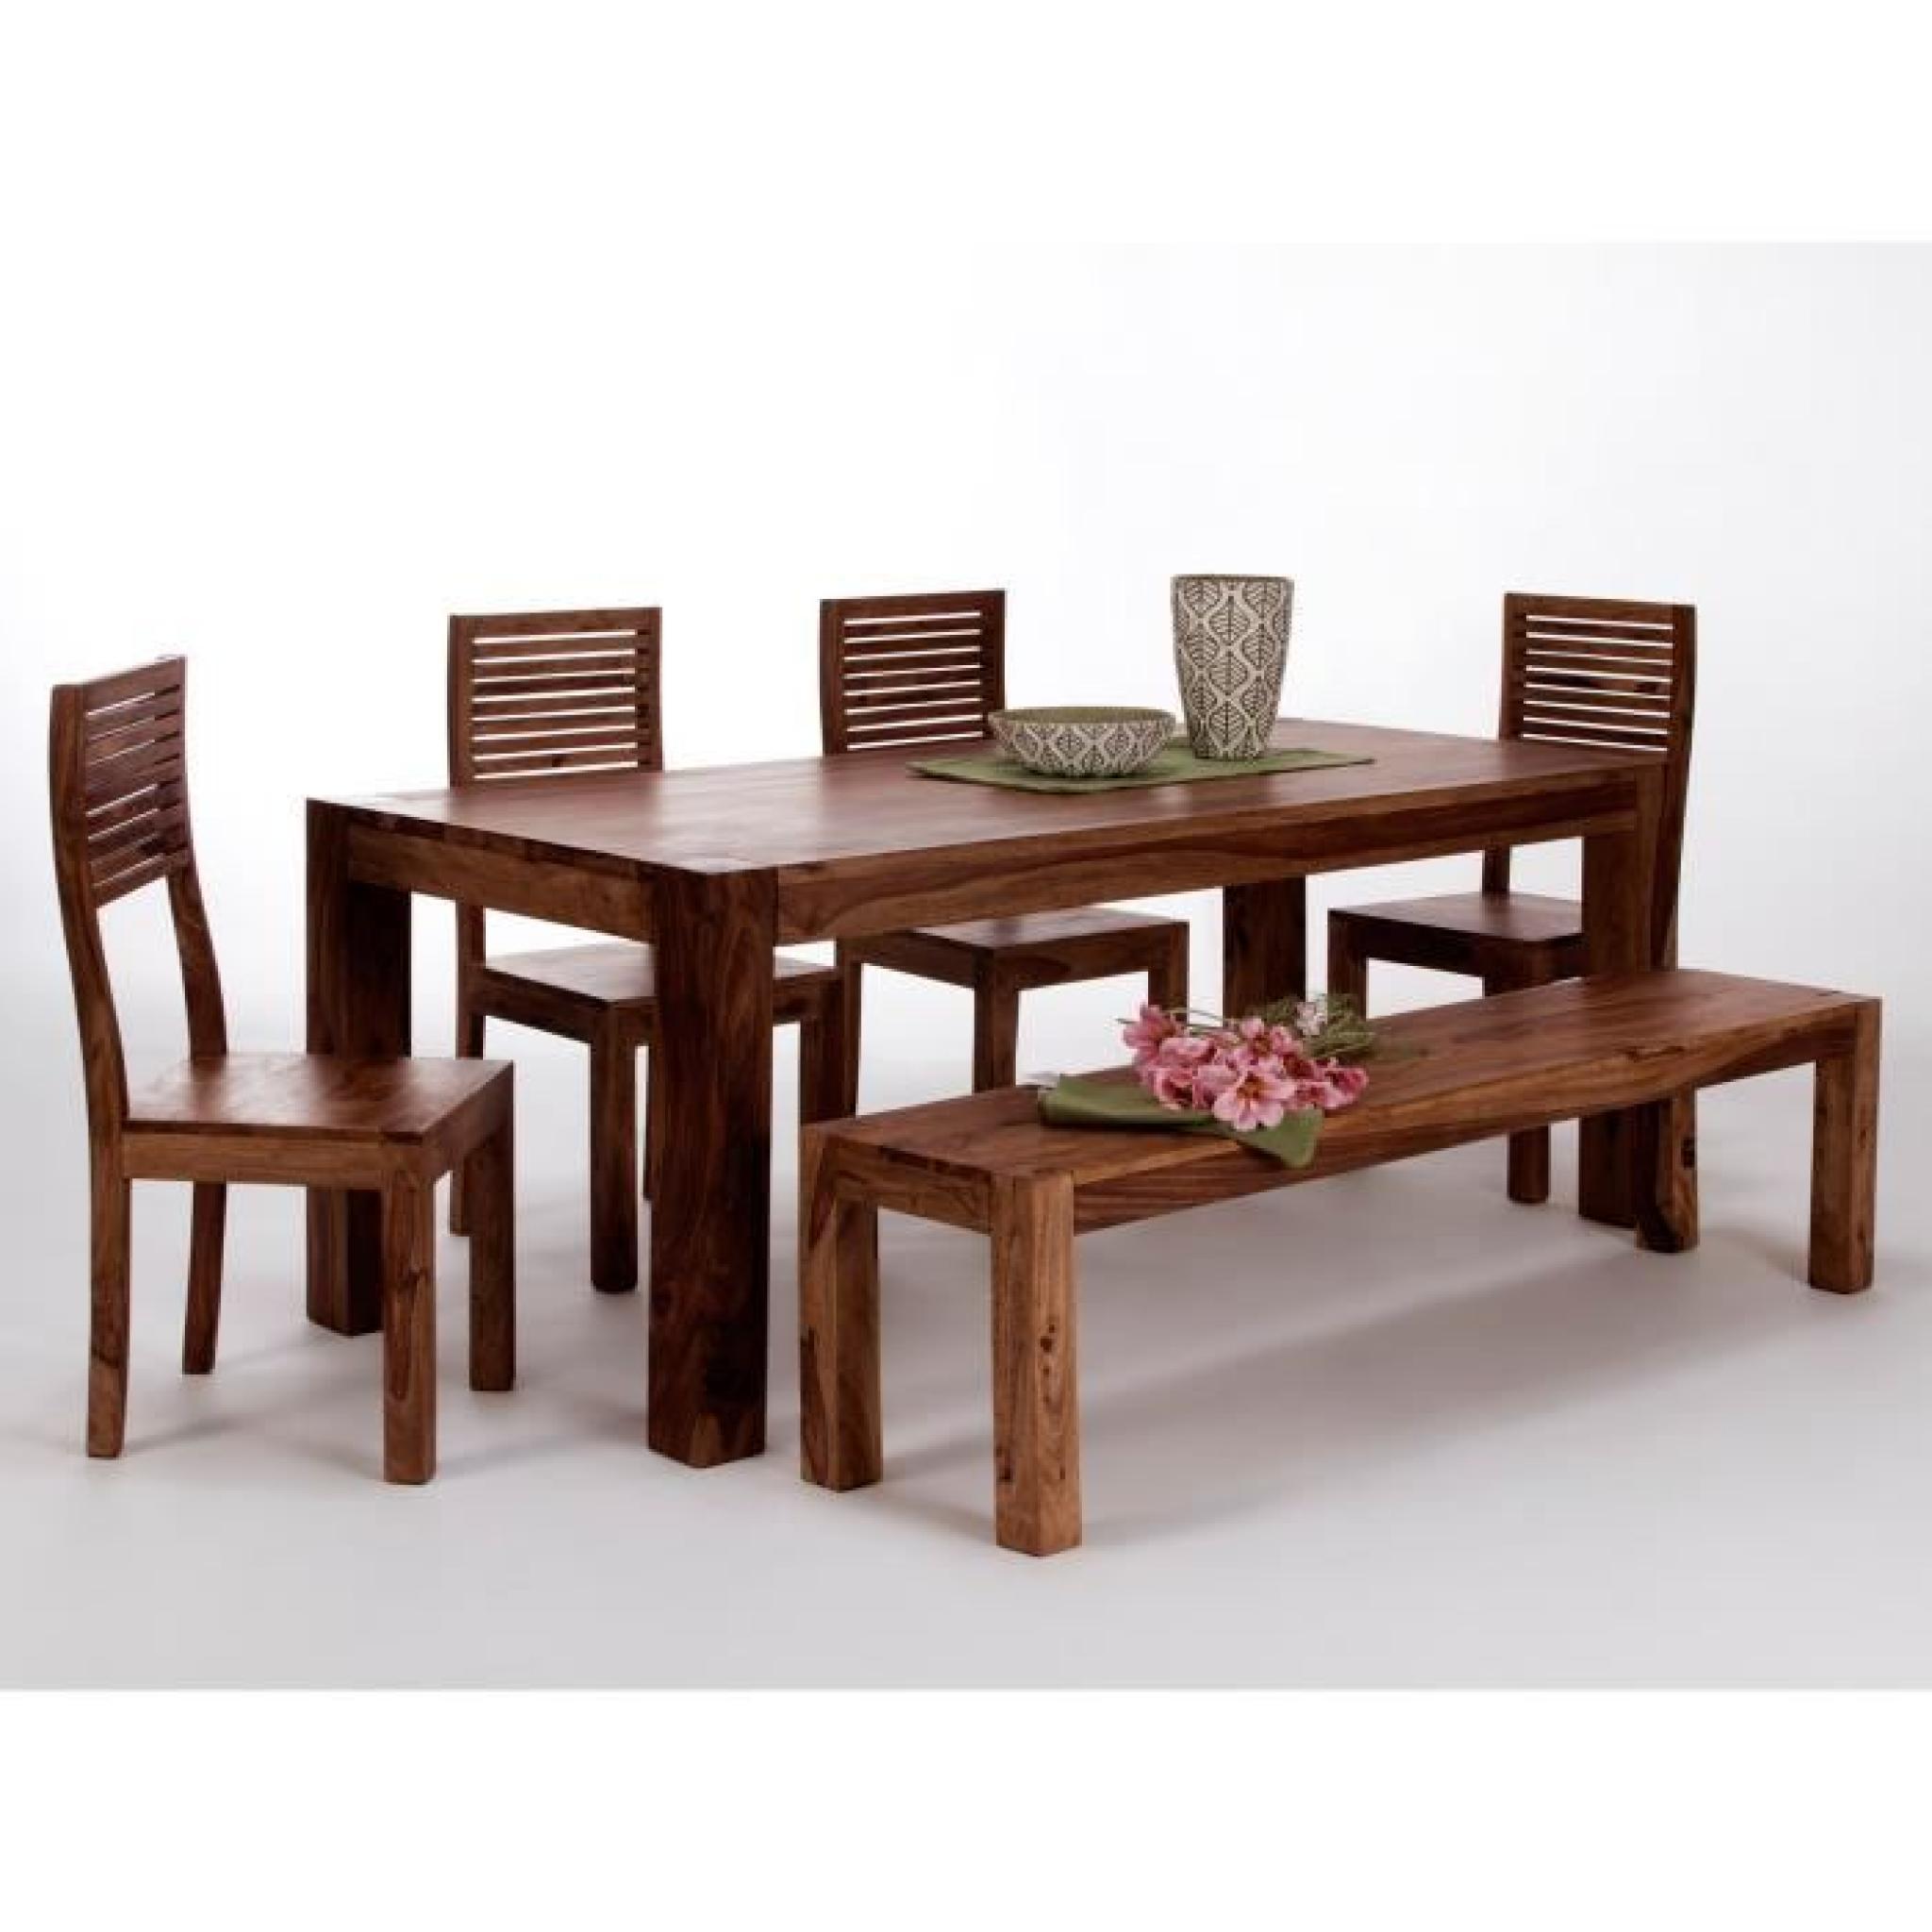 Table 200x100 avec 4 chaises et banc palison fo achat vente table salle a manger pas cher - Salle a manger avec banc ...